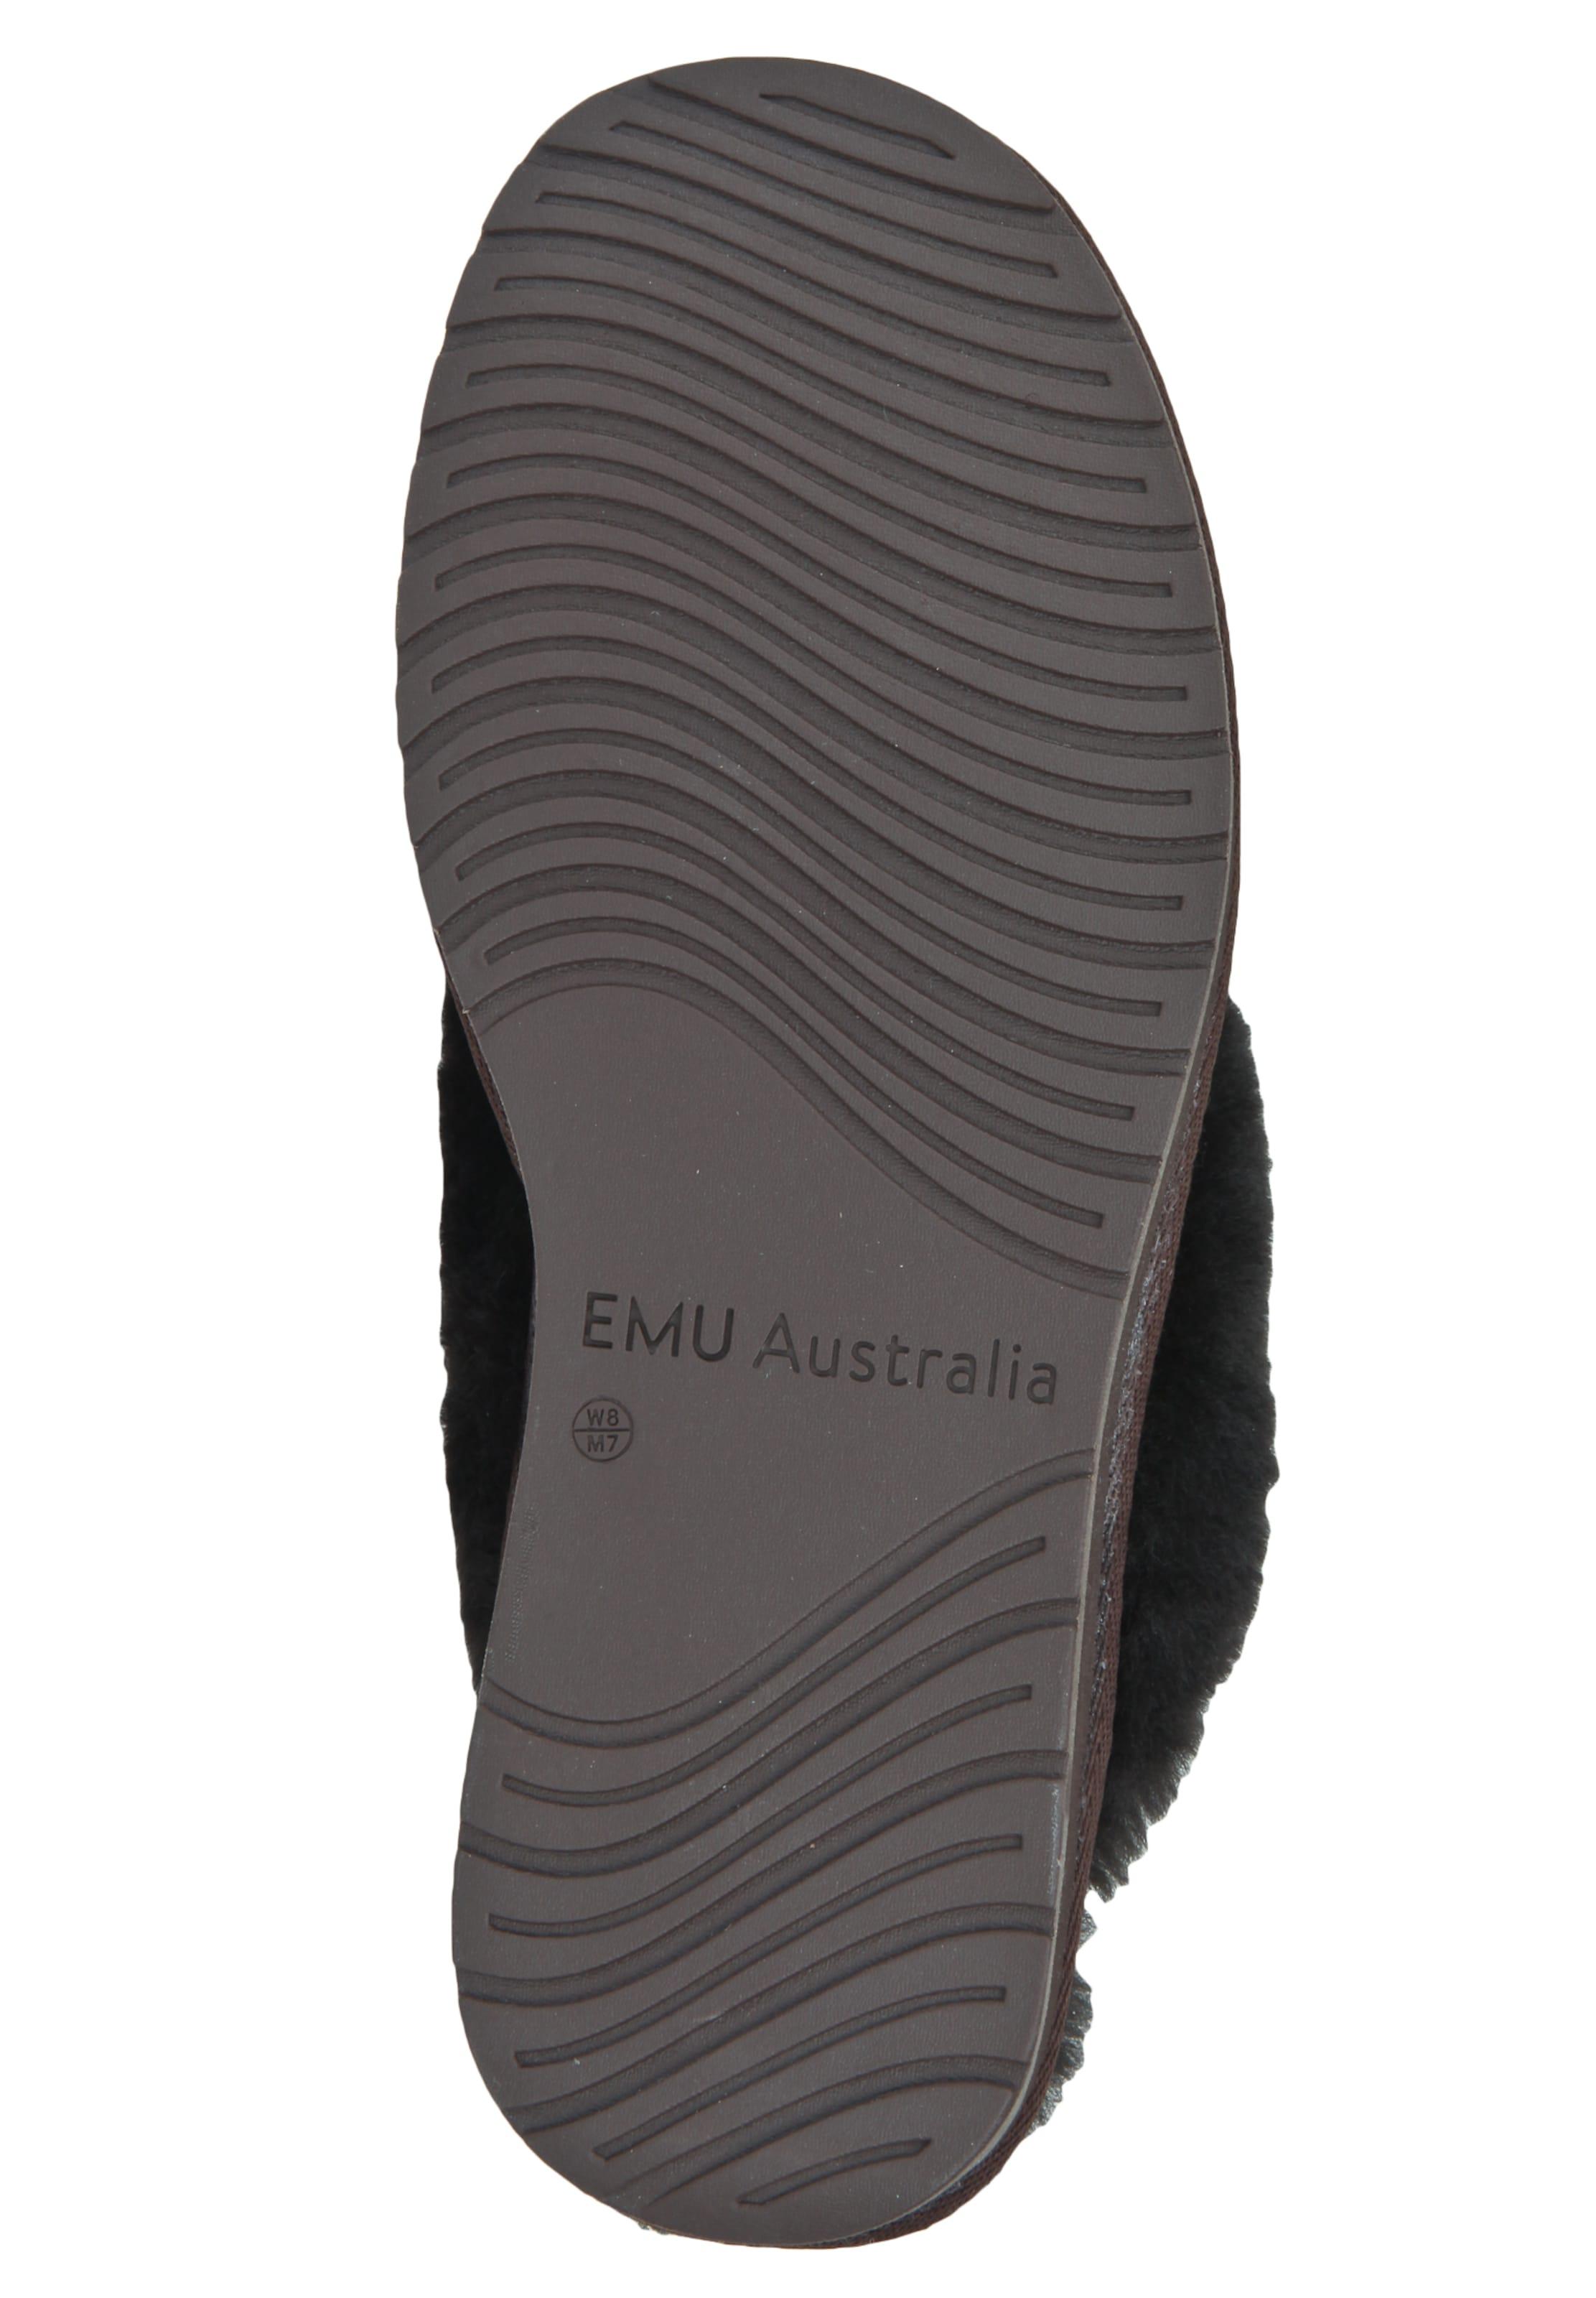 Emu Australia Hausschuh In Braun In Australia Hausschuh Emu Emu Braun DH9EI2